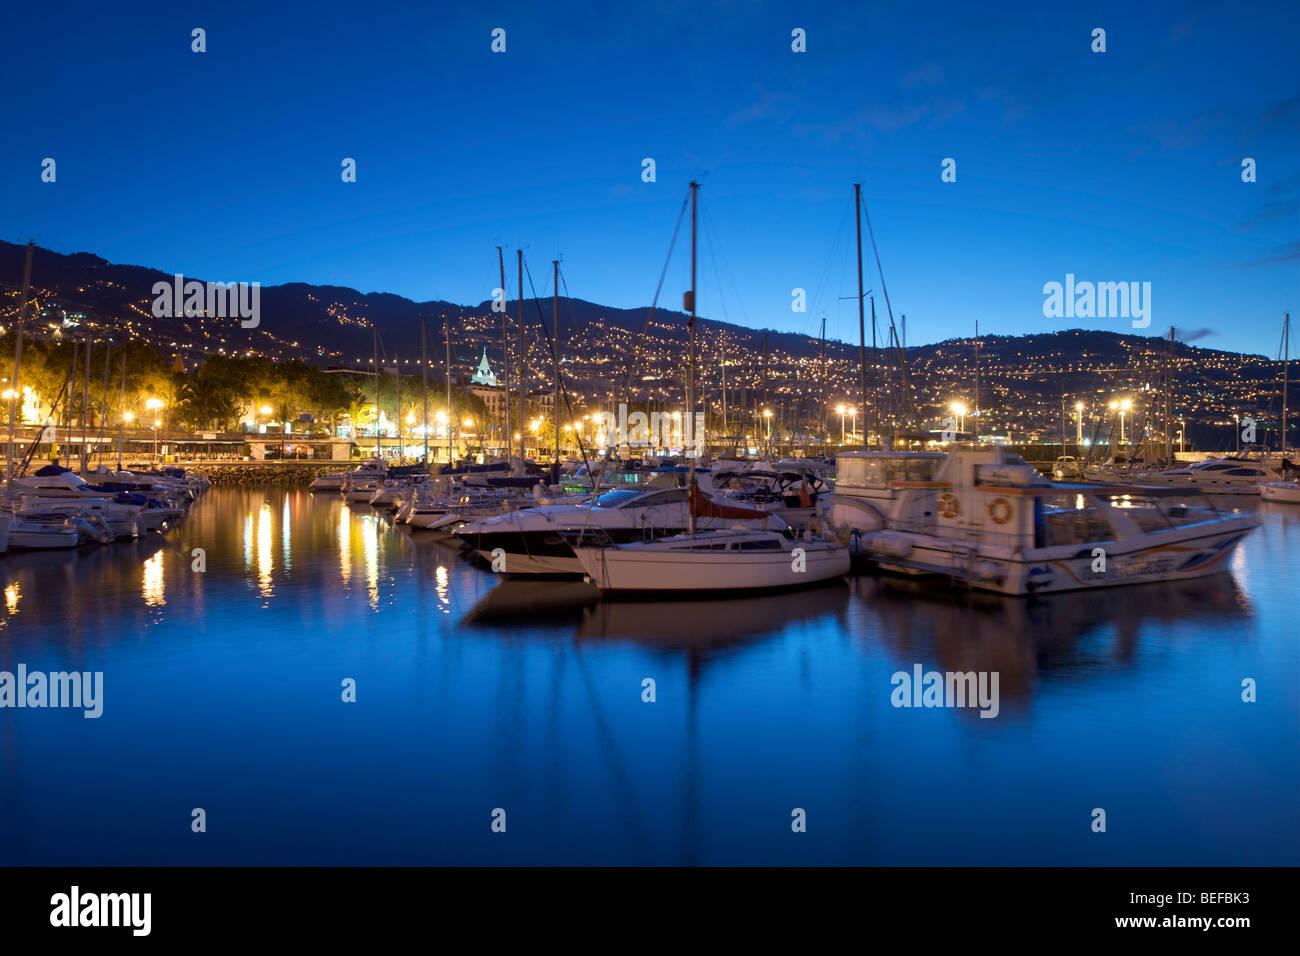 Bateaux dans la marina de Funchal à Madère, à l'aube. Photo Stock